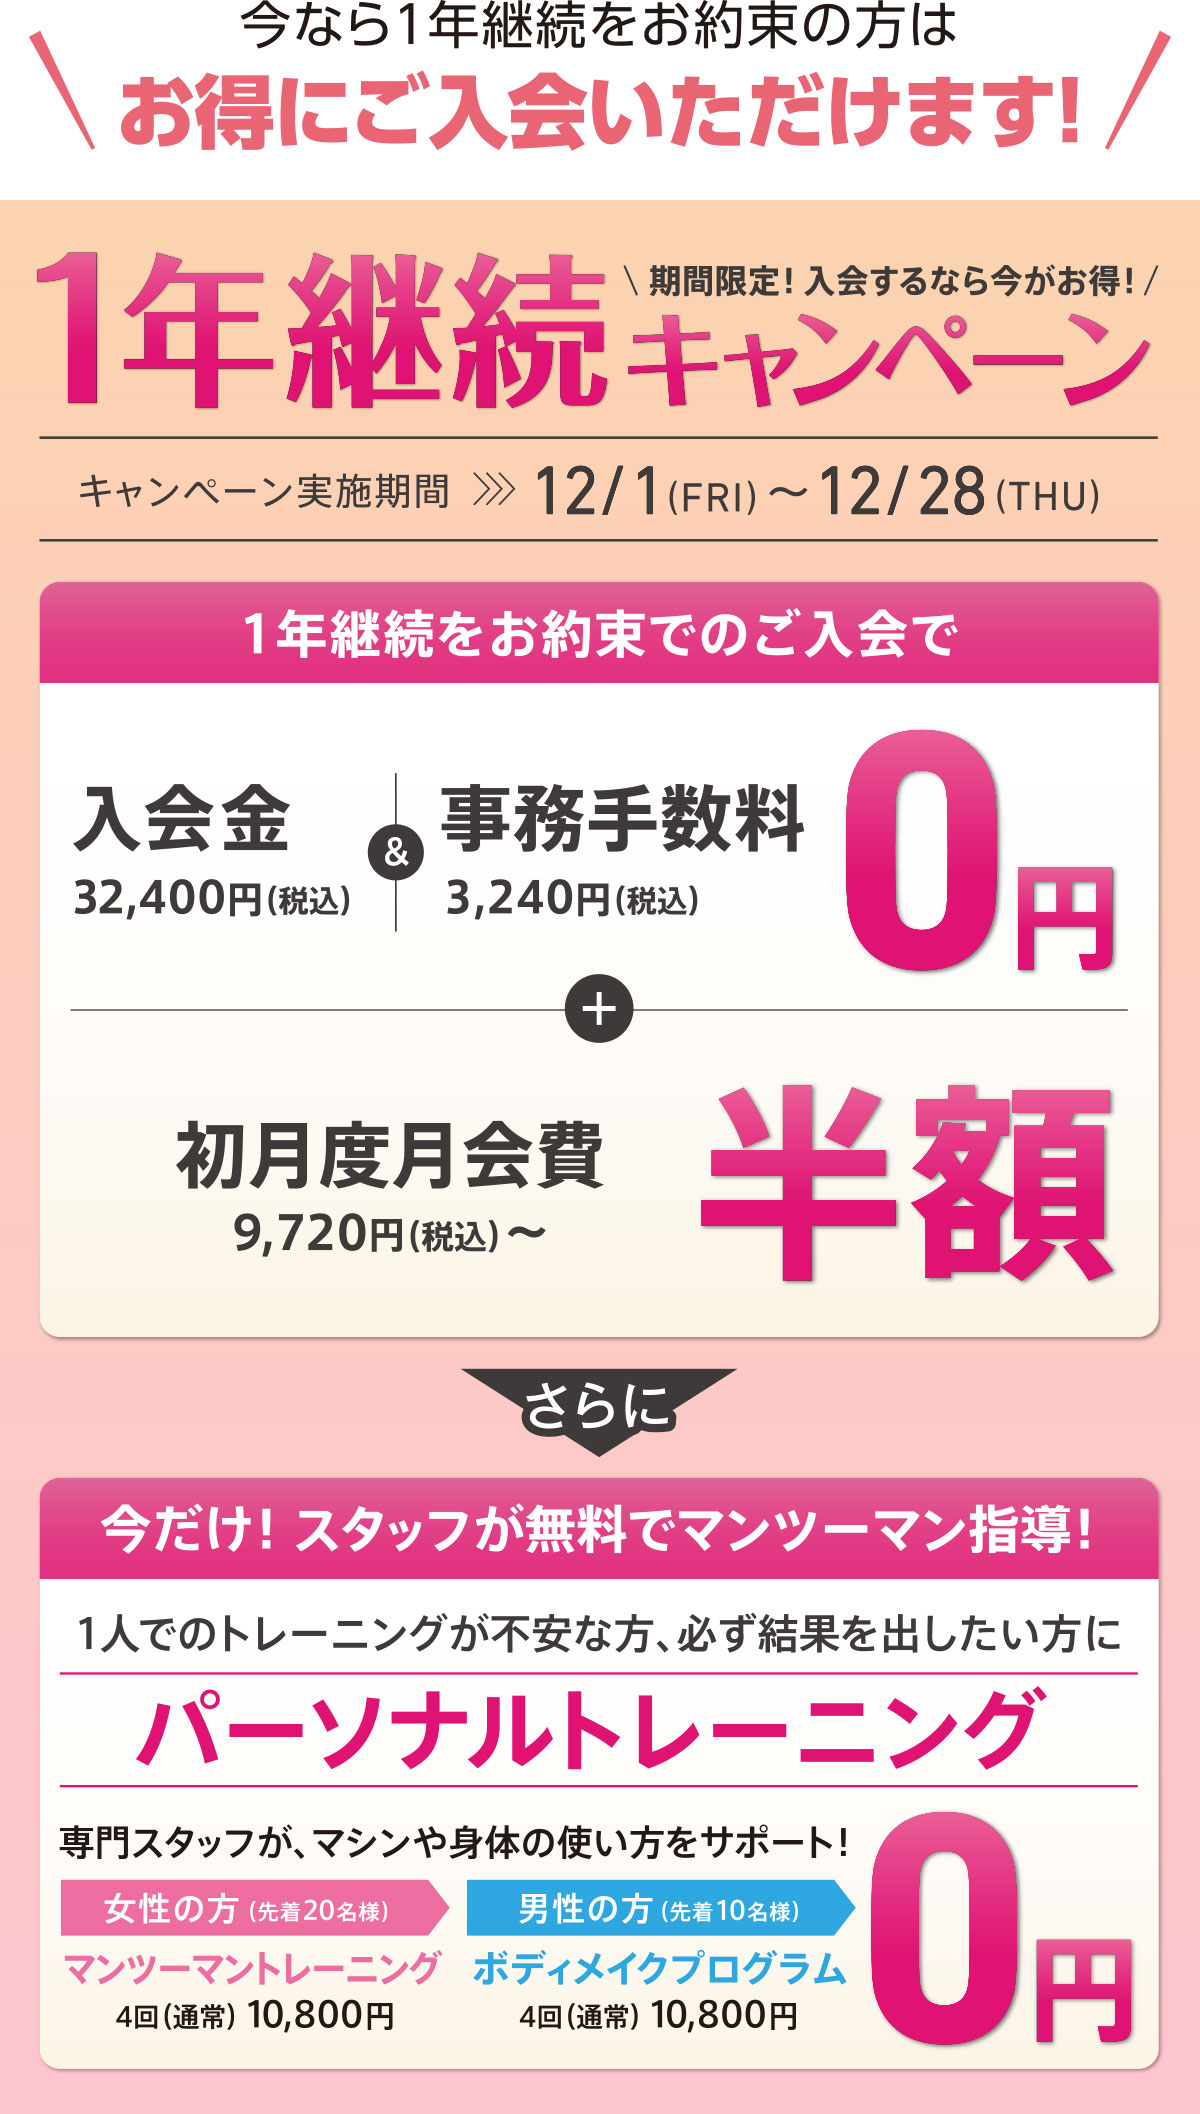 201712-campaign-1